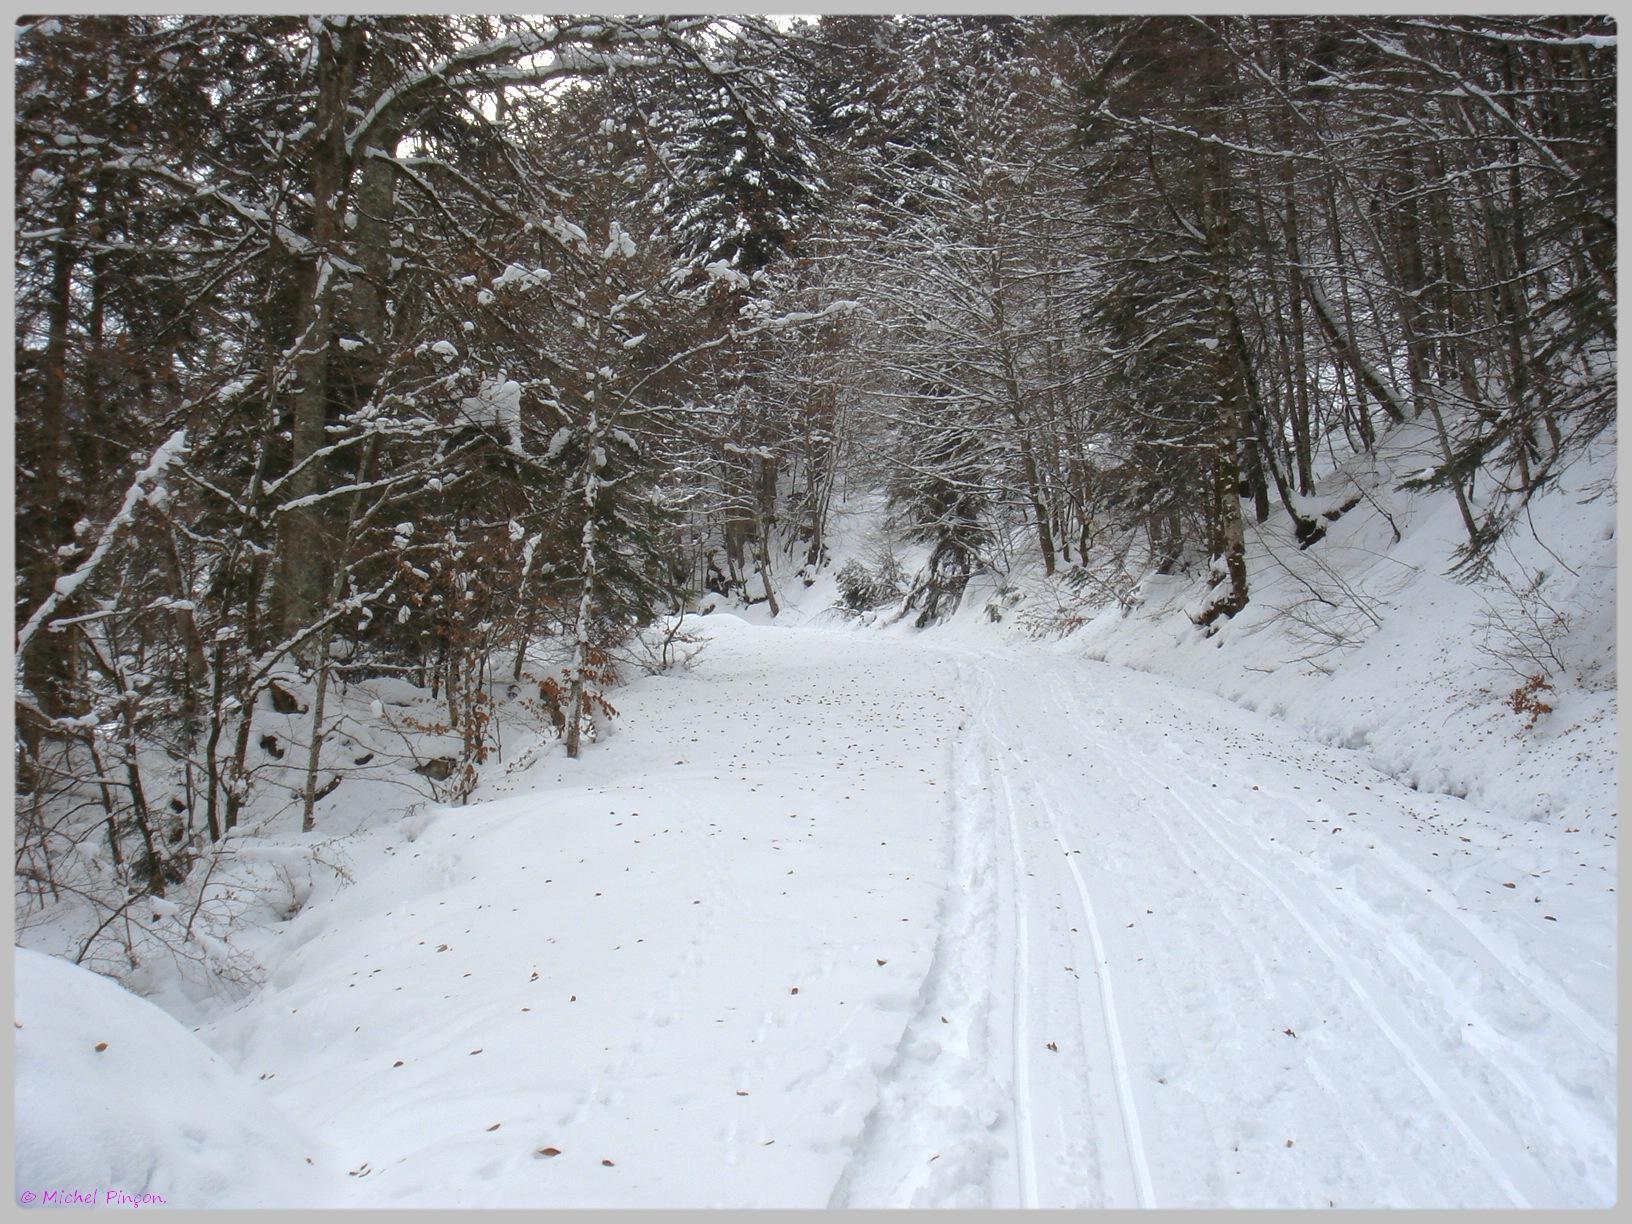 Une semaine à la Neige dans les Htes Pyrénées - Page 2 299049DSC011867